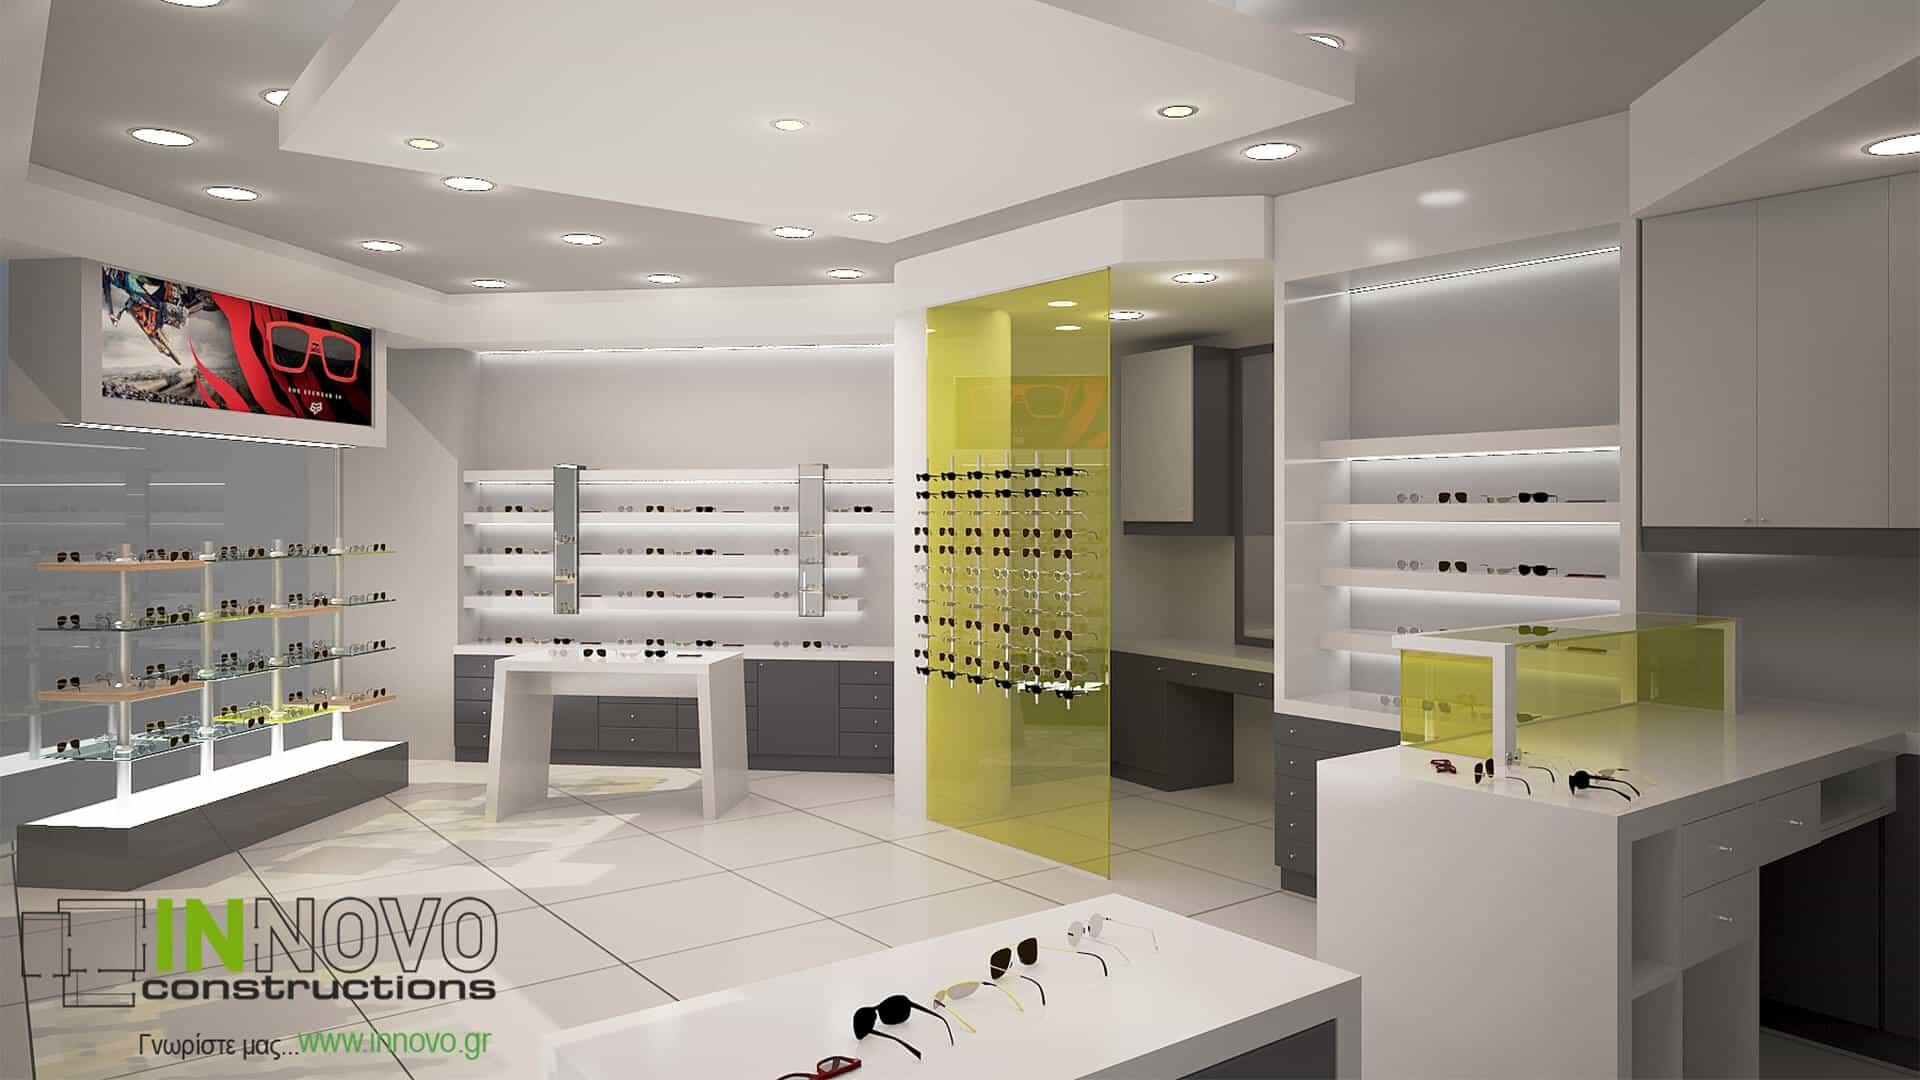 anakainisi-katastimatos-optikon-xolargos-optical-store-renovation-equipment